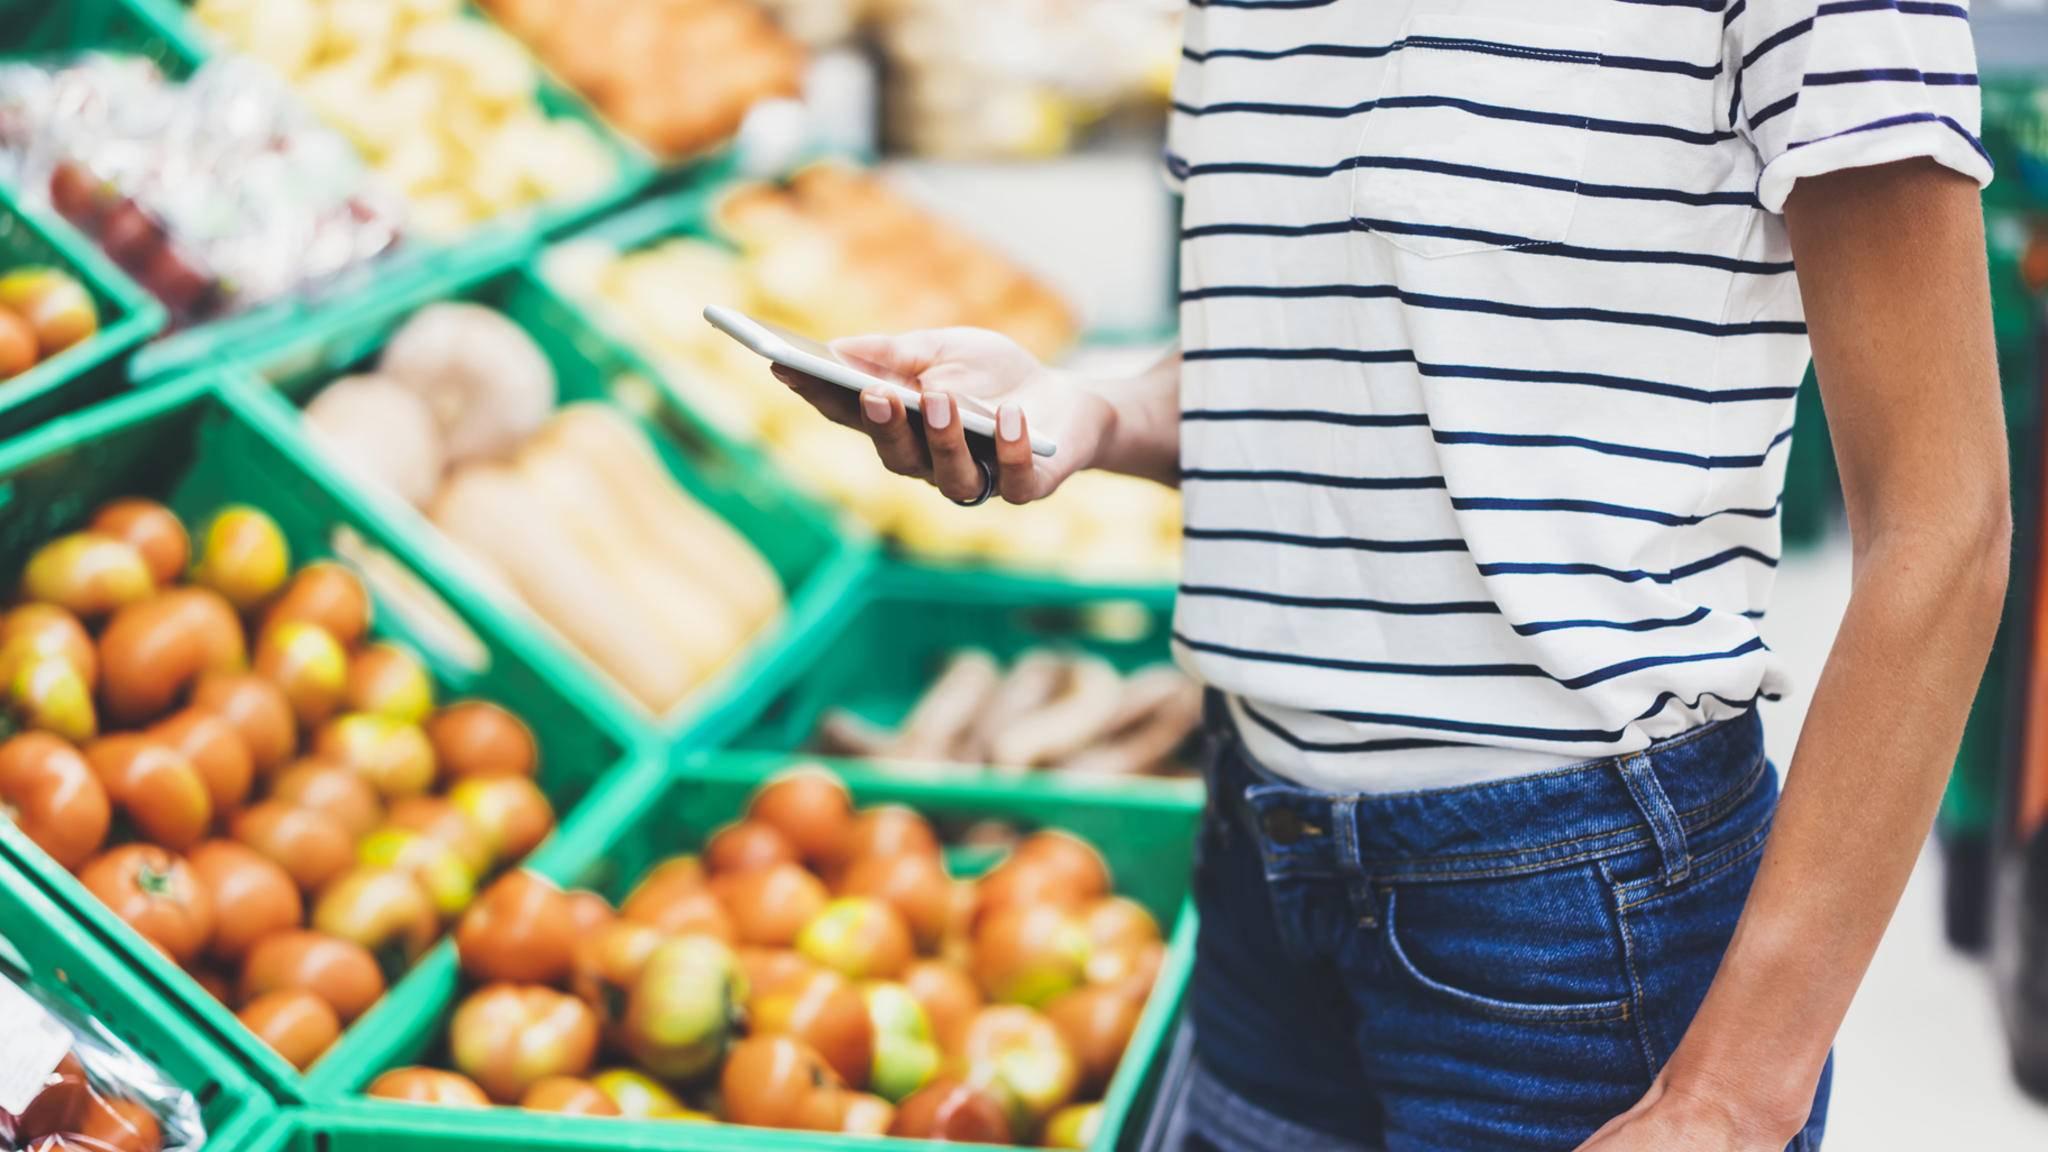 Allergie-Apps können auch beim Einkauf ziemlich hilfreich sein.